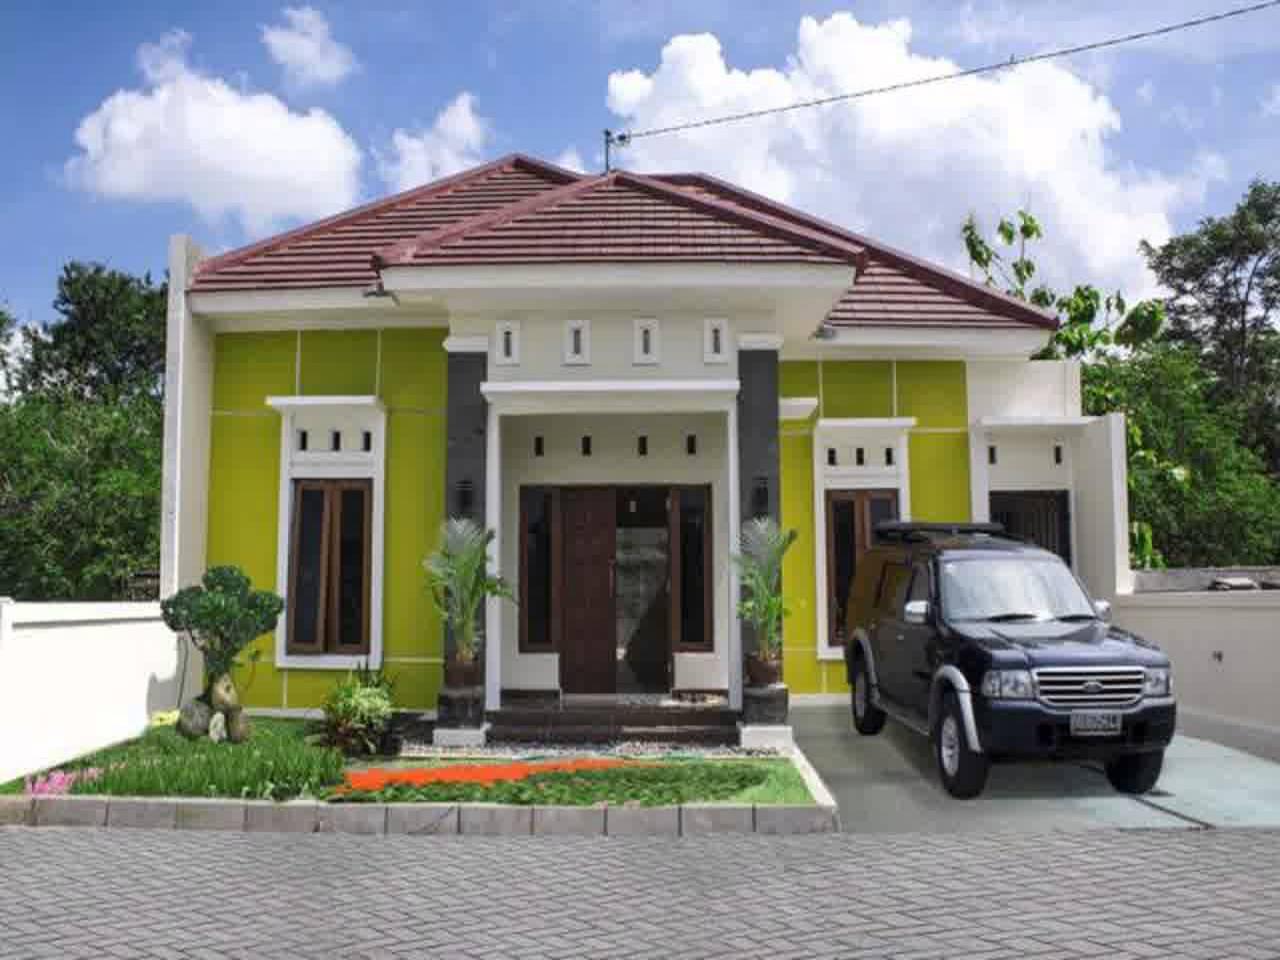 95 Ide Desain Rumah Modern Minimalis 1 Lantai HD Paling Keren Download Gratis